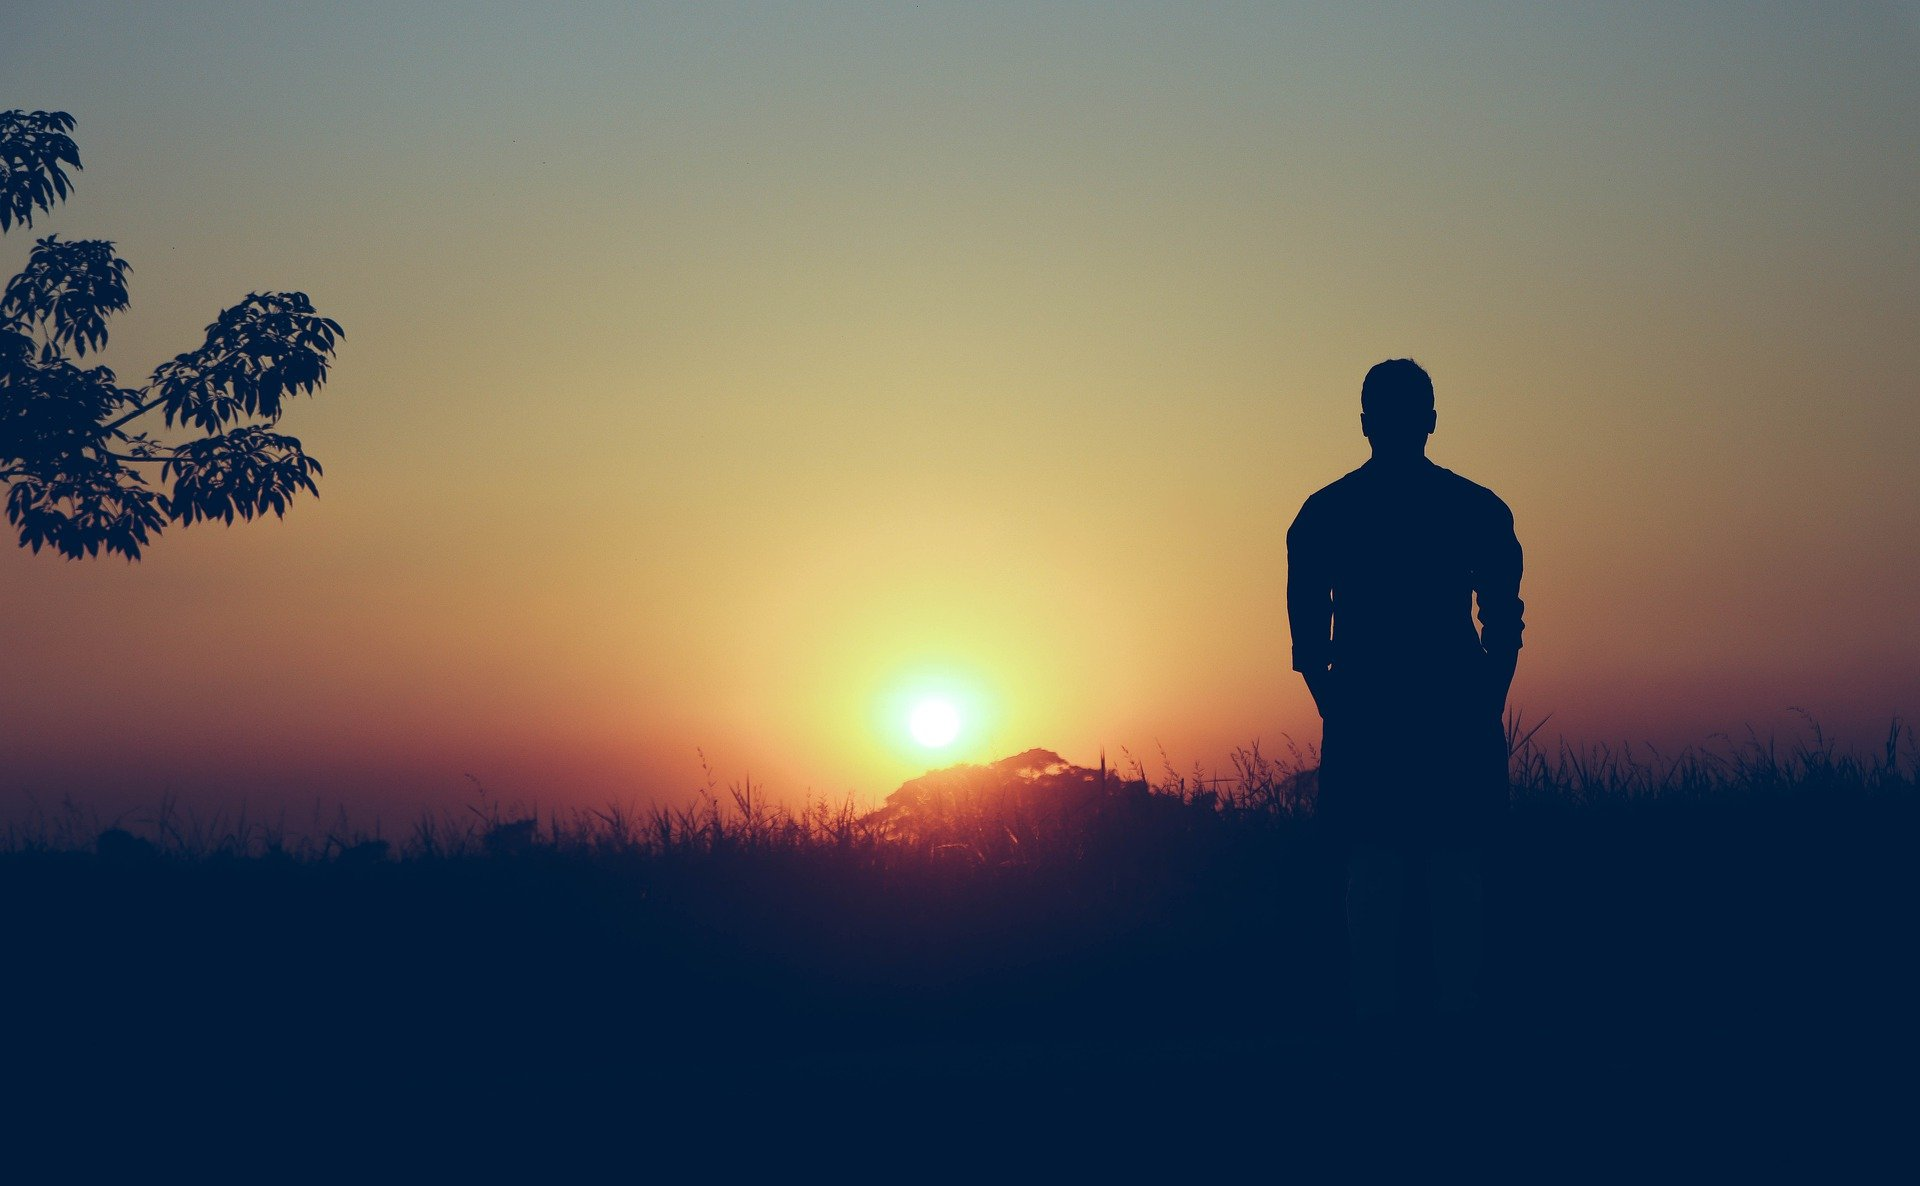 El suicidio sigue siendo un tema tabú rodeado de mitos.